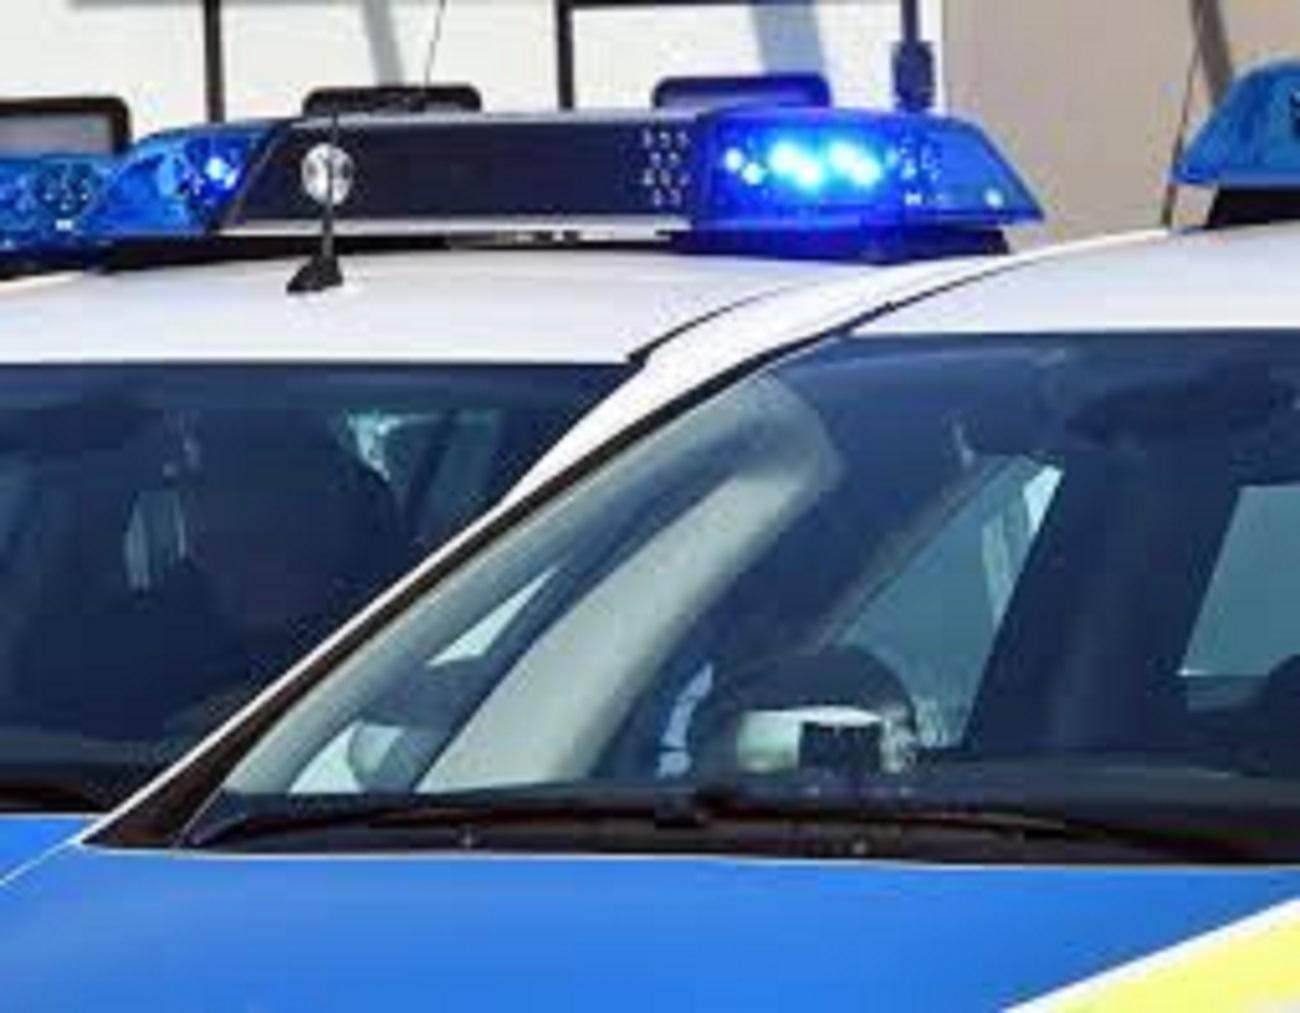 Cмертельное ДТП вКировской области: 4 человека погибли